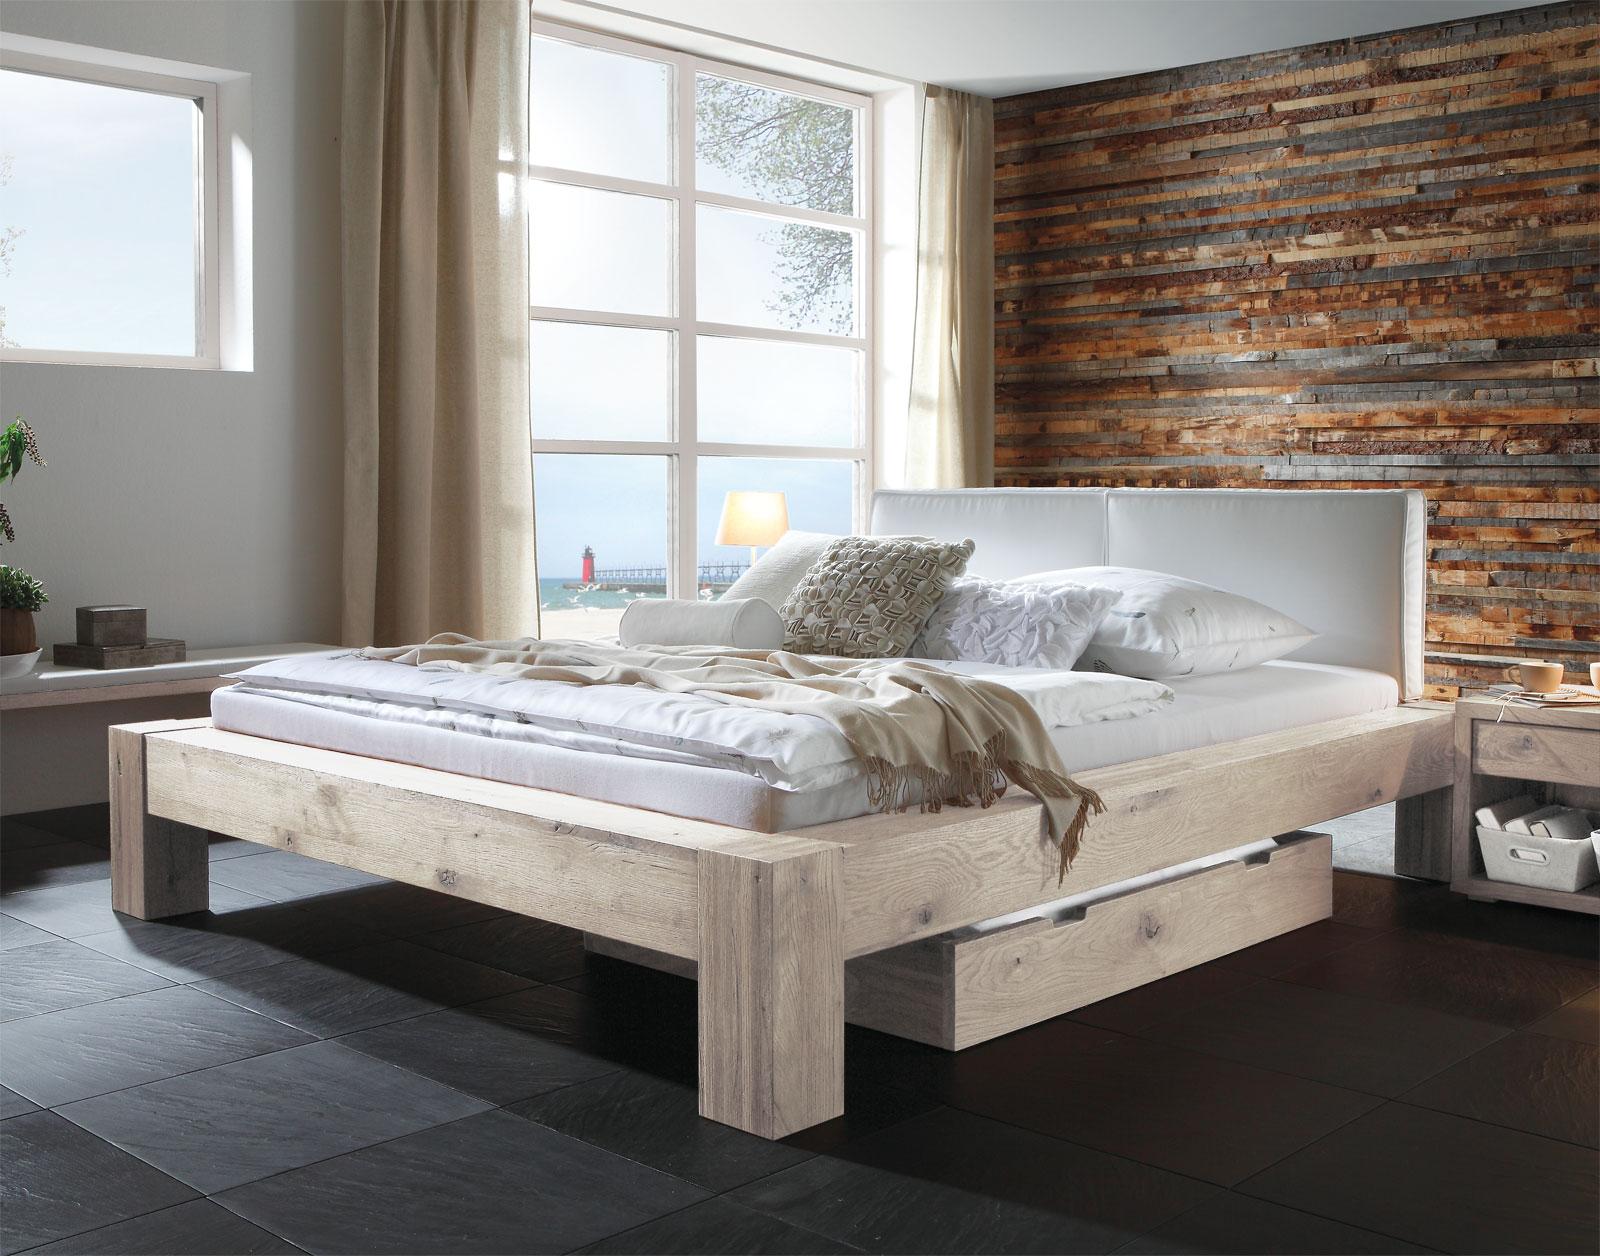 Full Size of Ebay Betten Musterring Günstige 140x200 Bock Weißes Bett 90x200 Schöne Luxus Ruf Preise Mit Stauraum Schlafzimmer Meise Kaufen Japanische Innocent Paradies Bett Weiße Betten